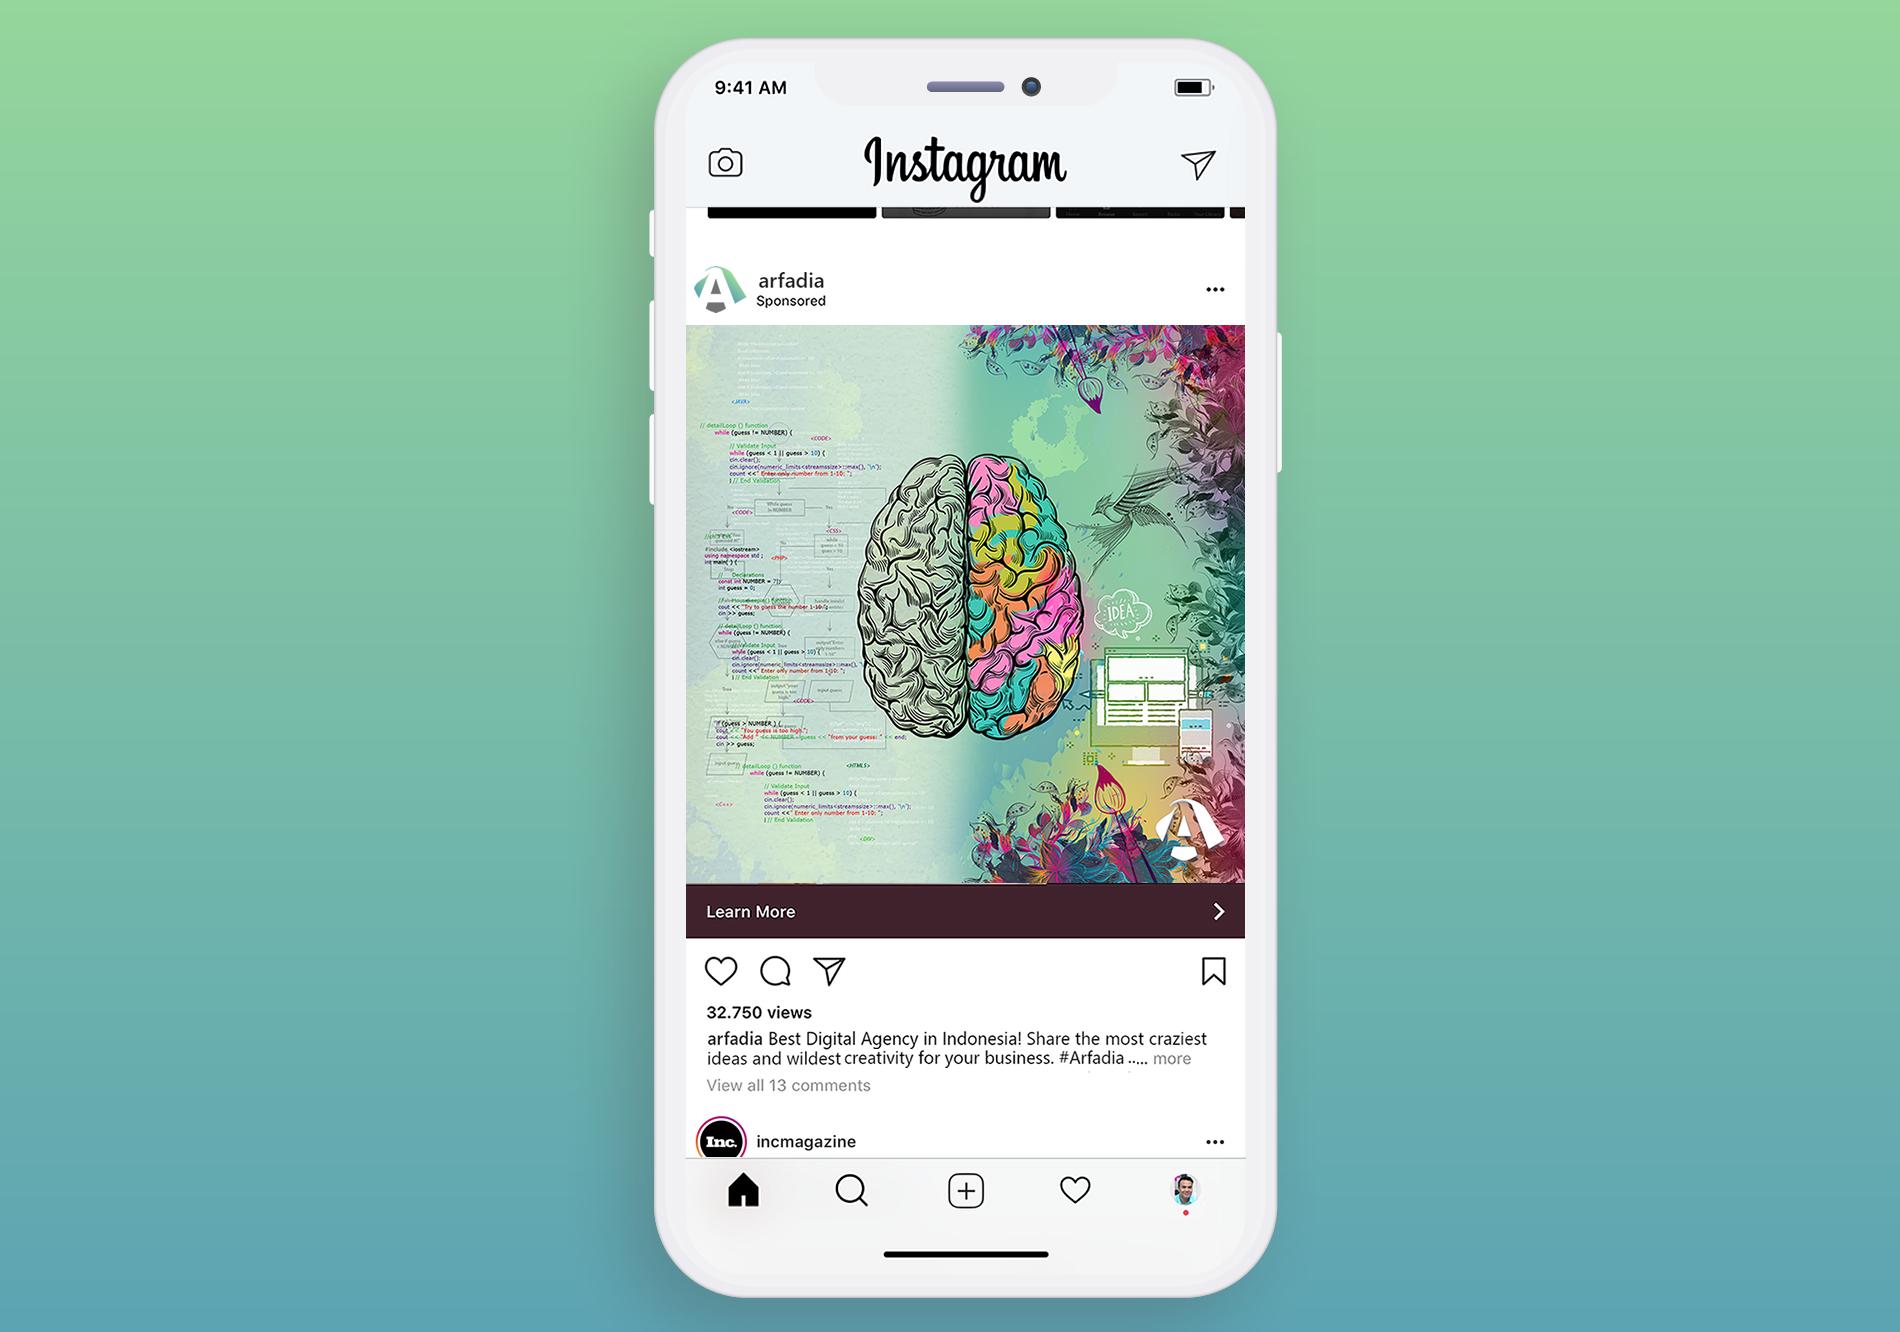 iphonex_mockup_white---Arfadia-IG--Instagram--Ads